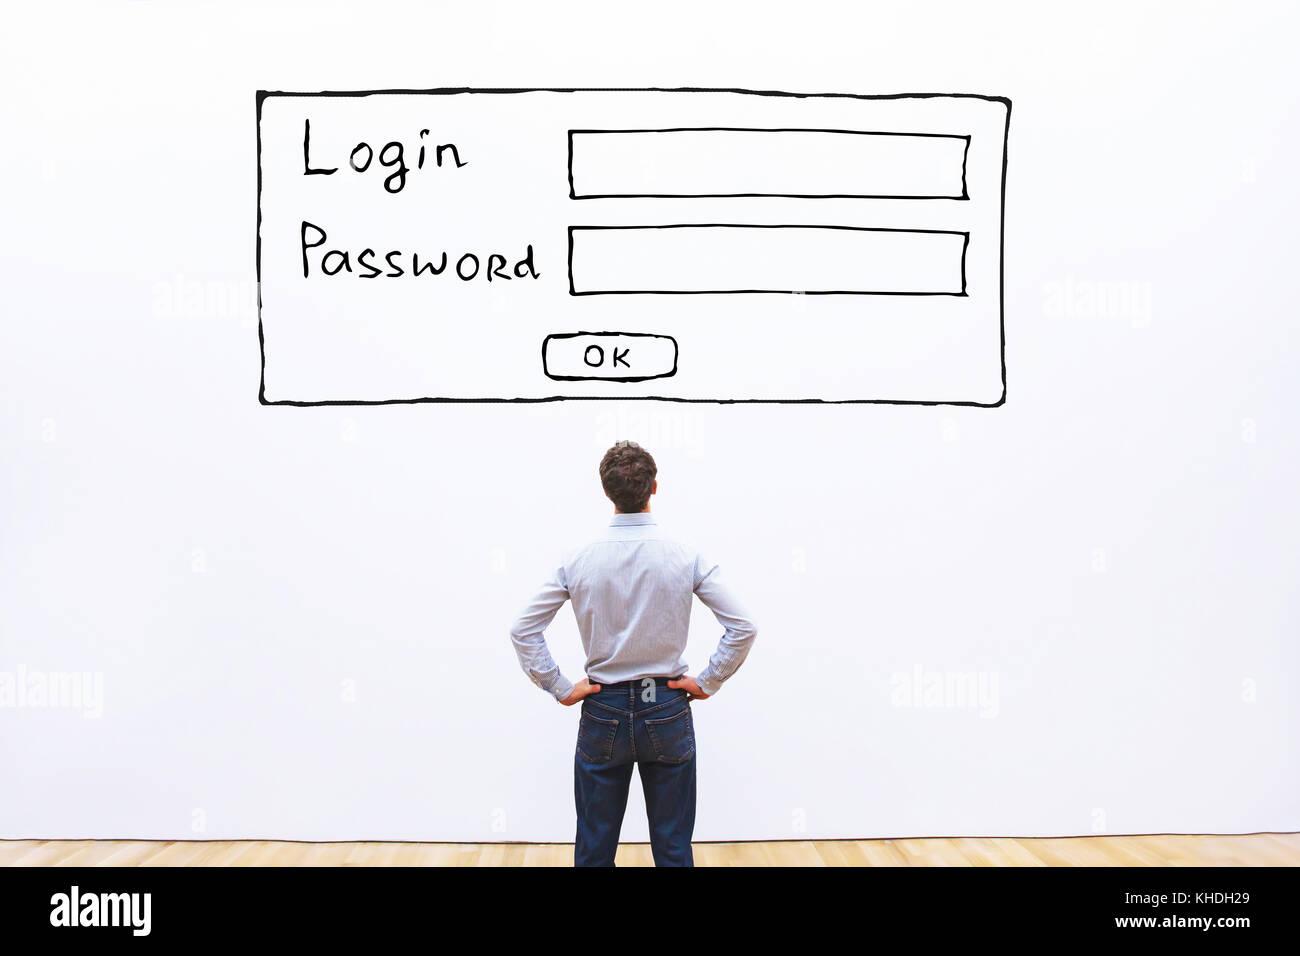 Login und Passwort, Datenschutz und Cyberkriminalität Sicherheitskonzept Stockfoto